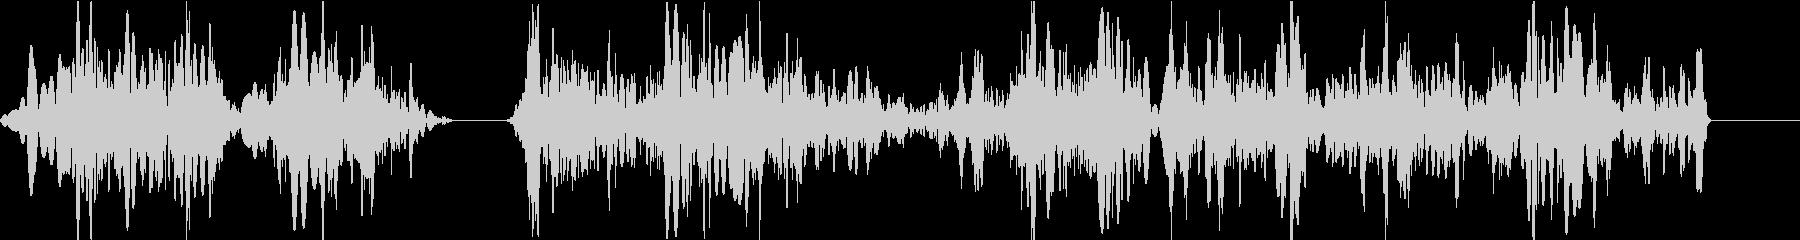 TVFX POPなザッピング音 7の未再生の波形